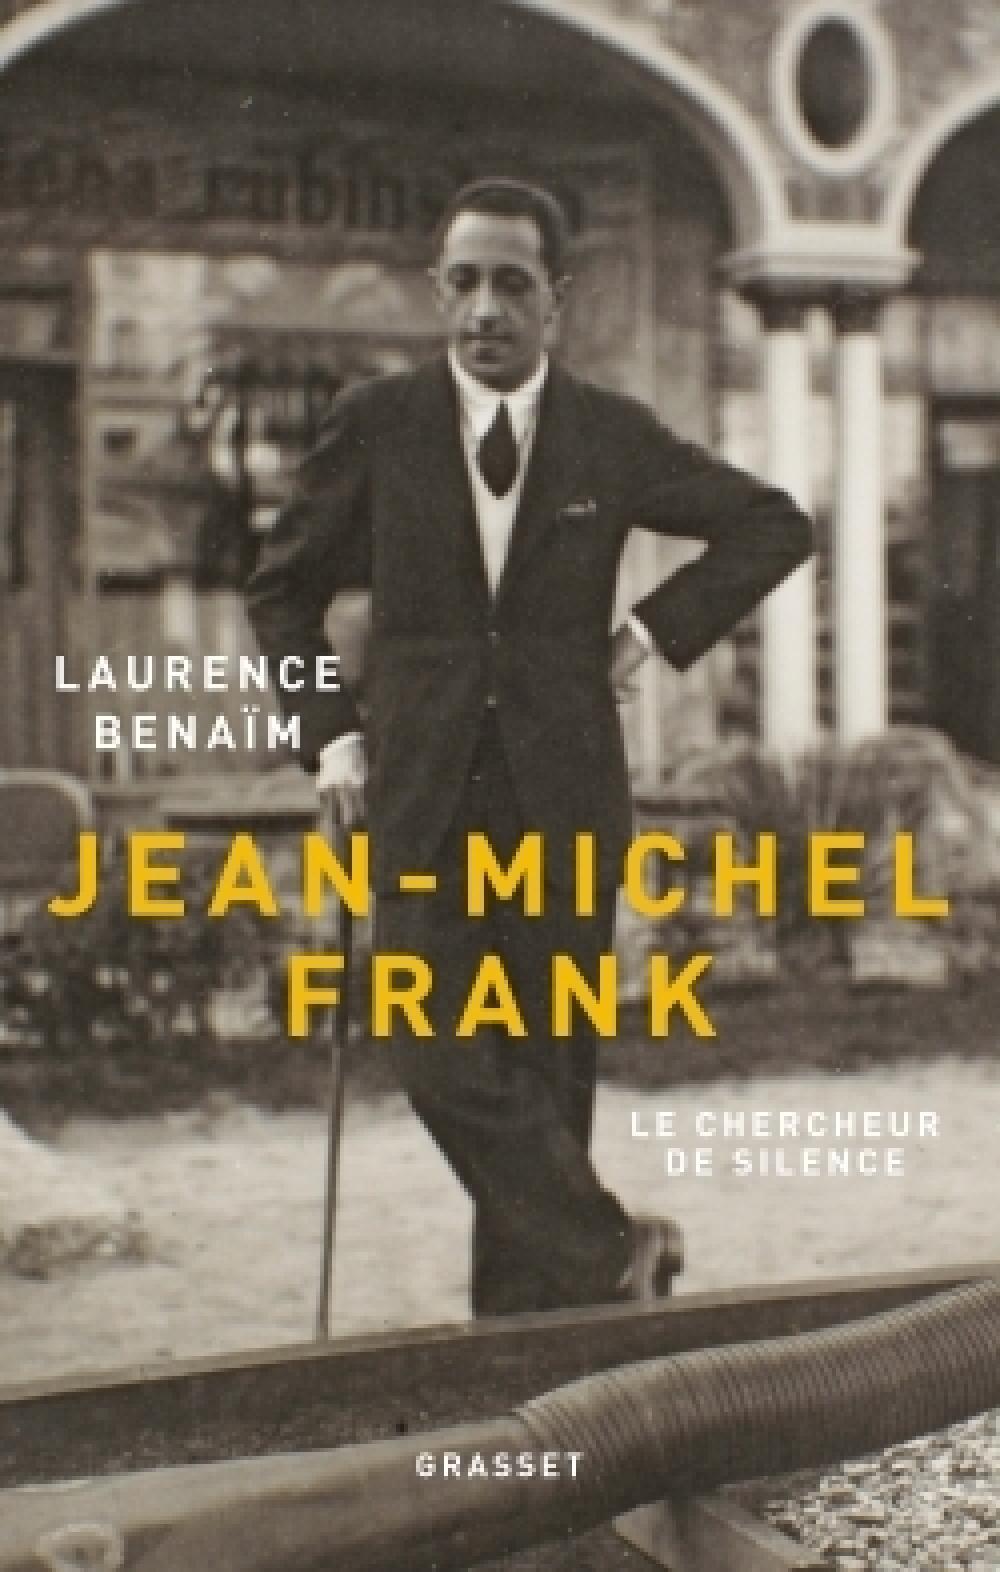 Jean-Michel Frank - Le chercheur de silence